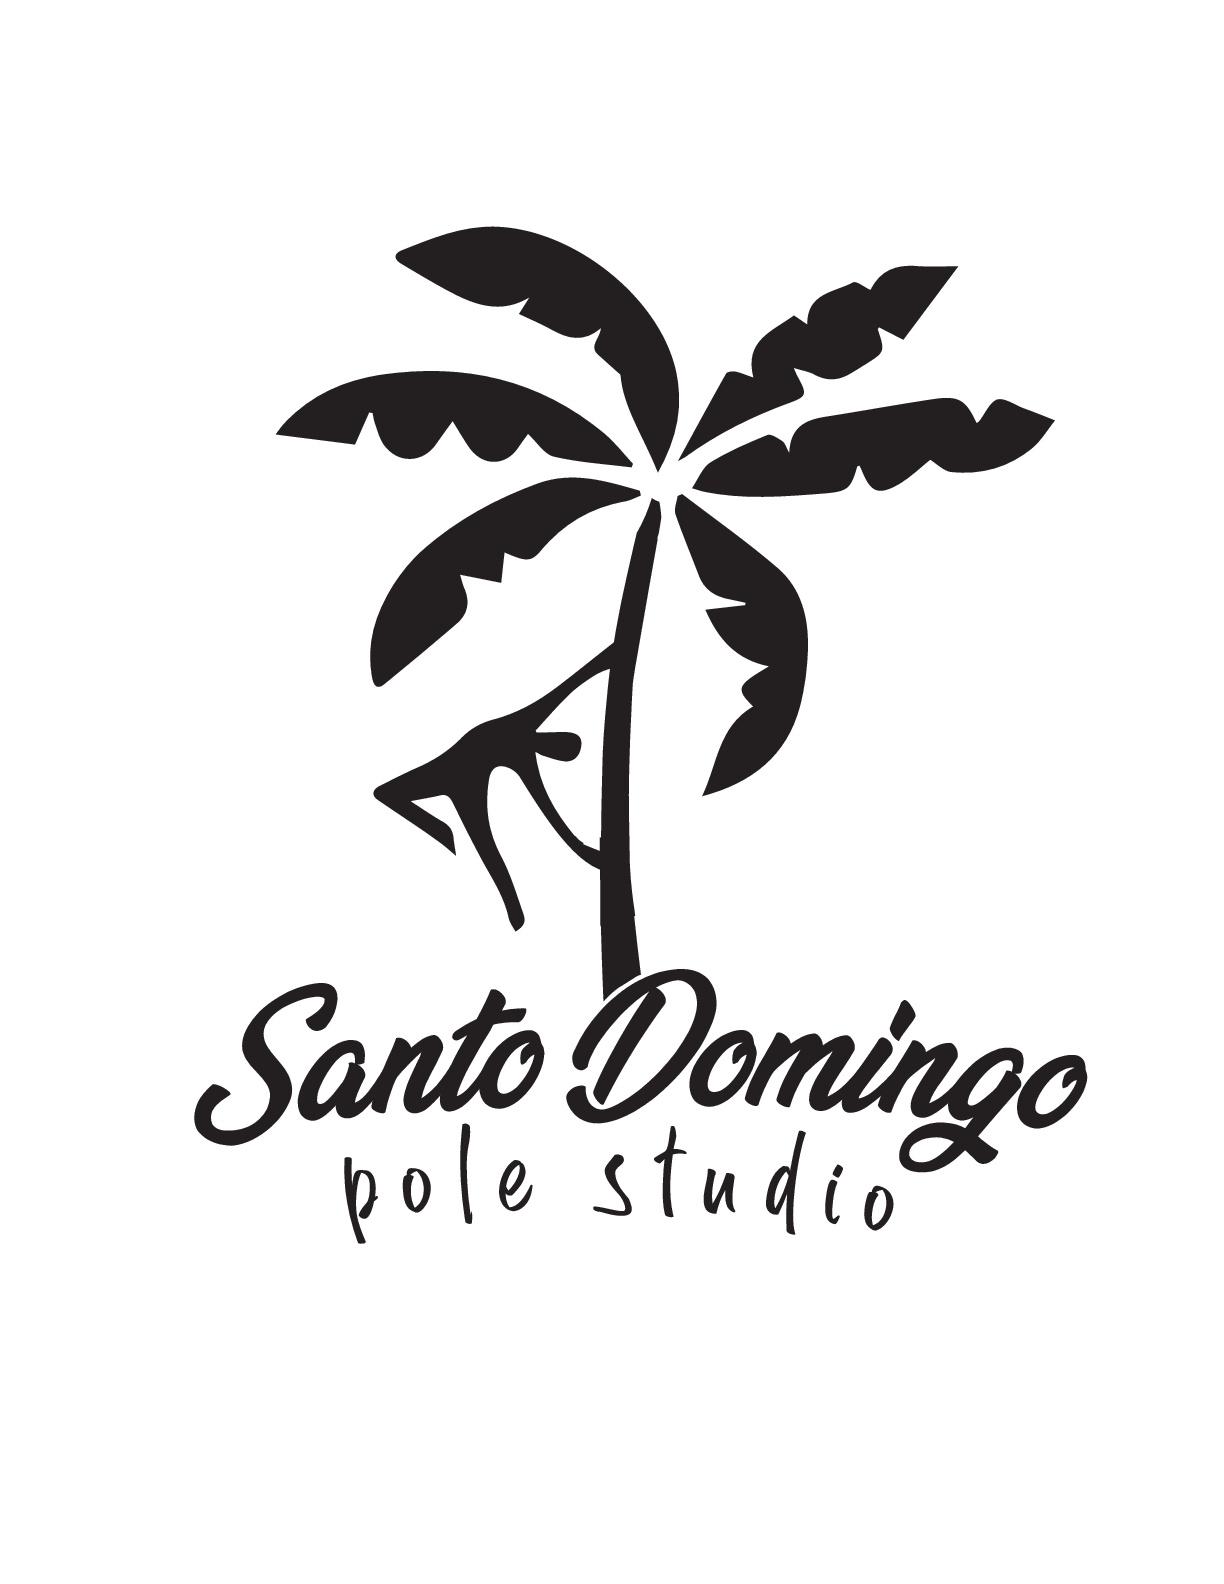 Santo Domingo Pole Studio